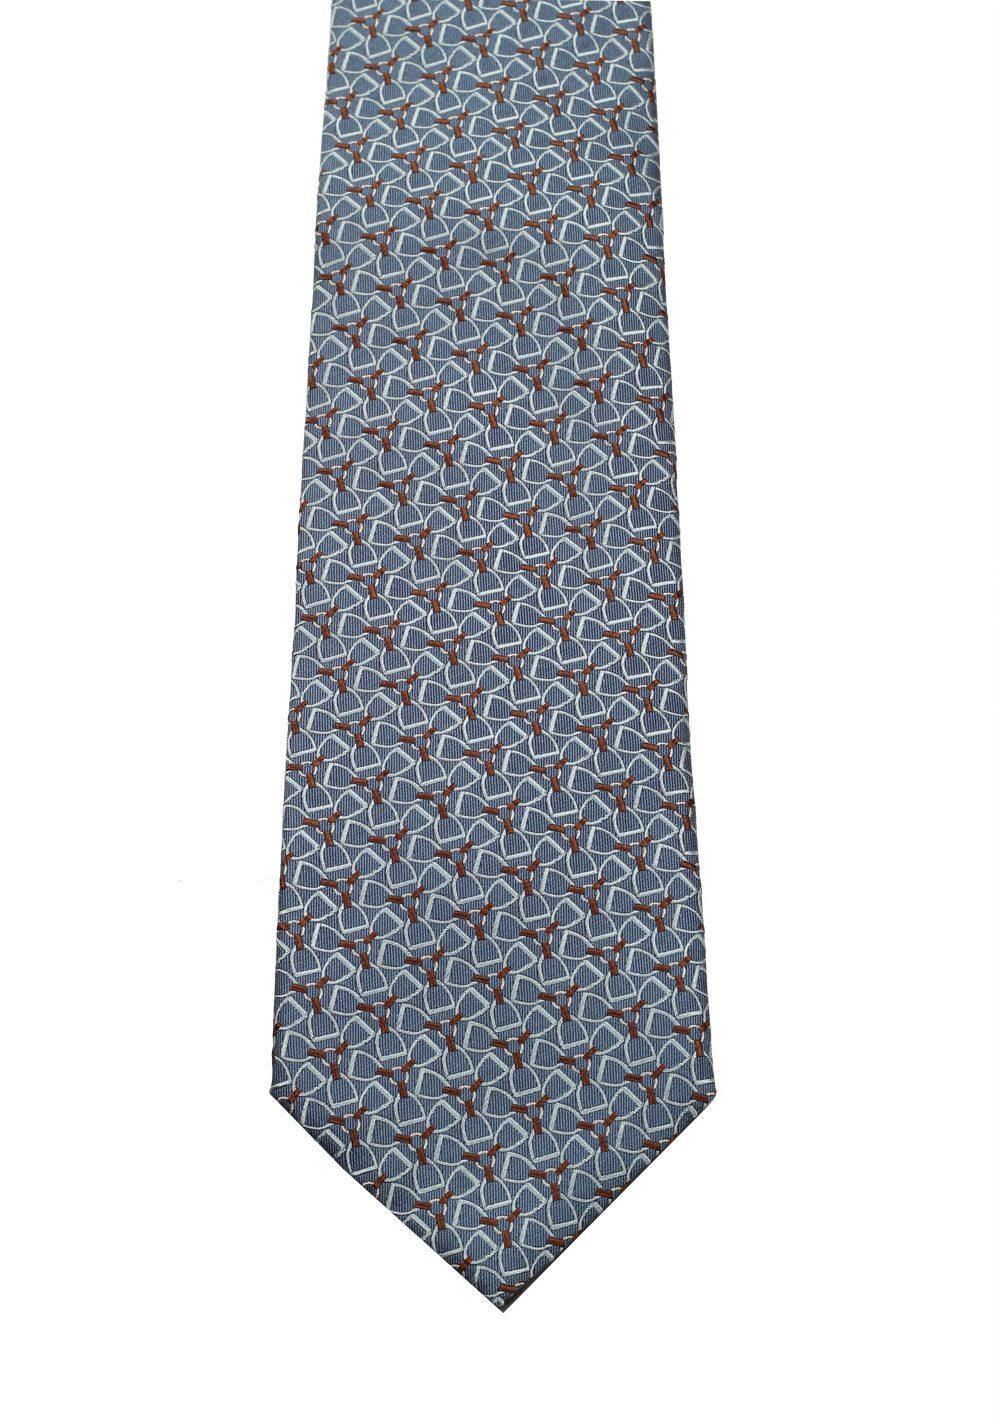 Gucci Blue Patterned Tie   Costume Limité